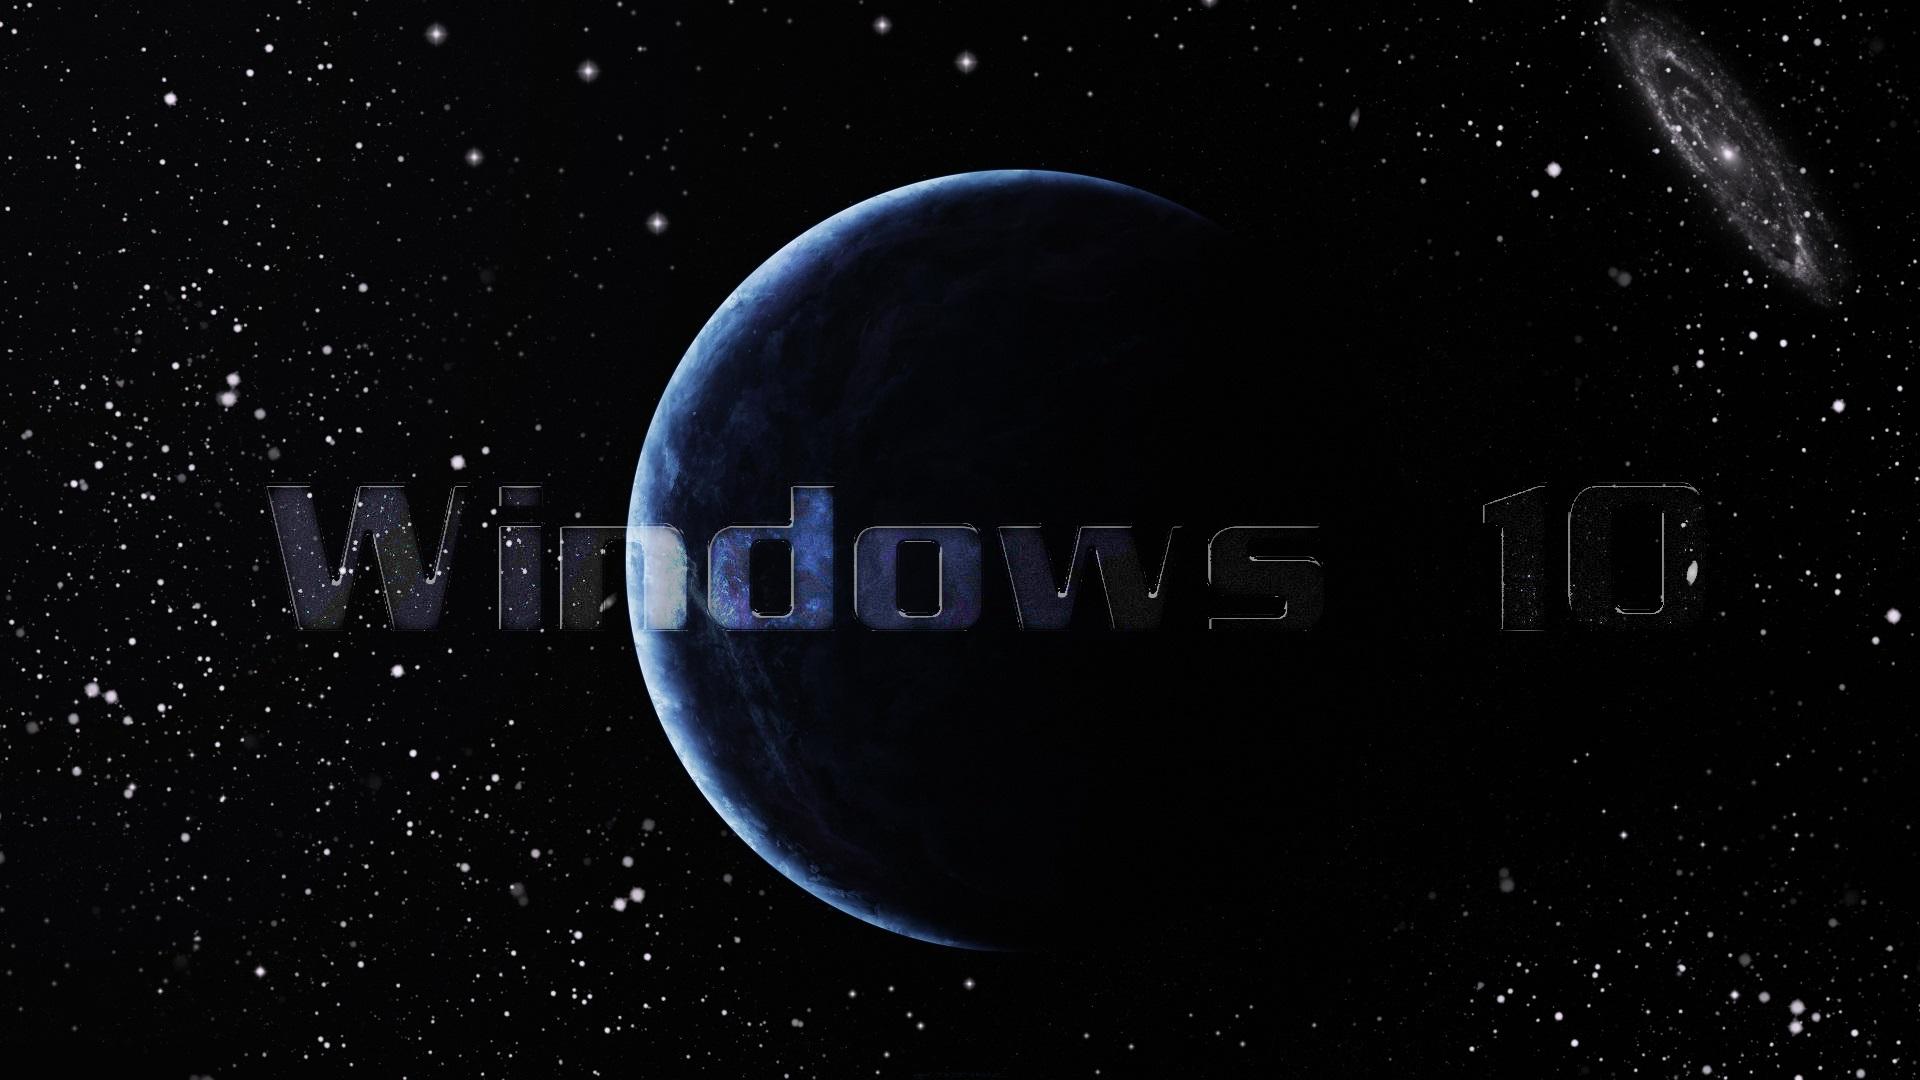 Wallpaper Desktop Bergerak Windows 10 Terlengkap A1 Wallpaperz